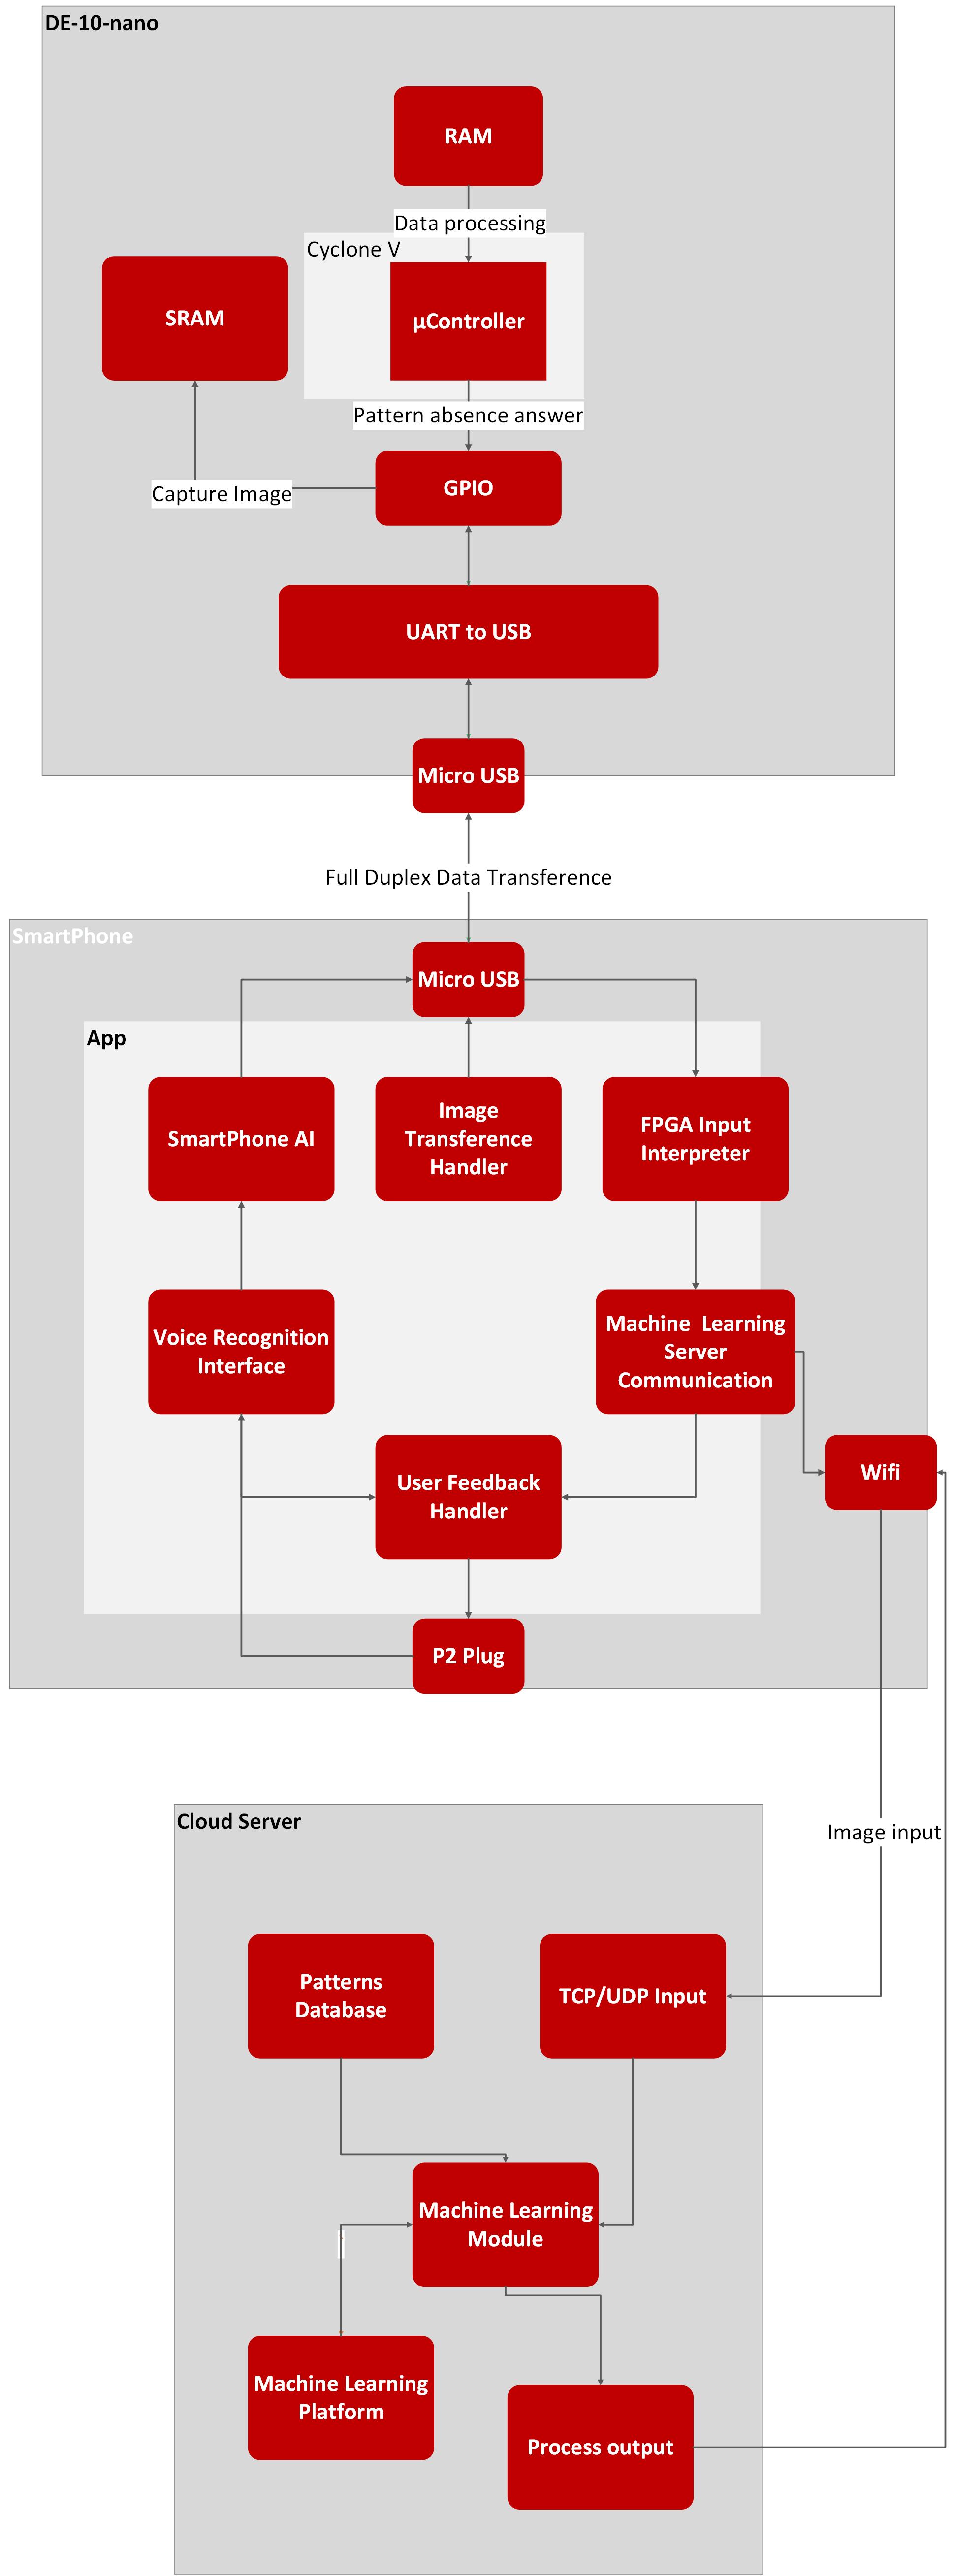 InnovateFPGA | Americas | AS048 - Scenarium - Machine Learning ...